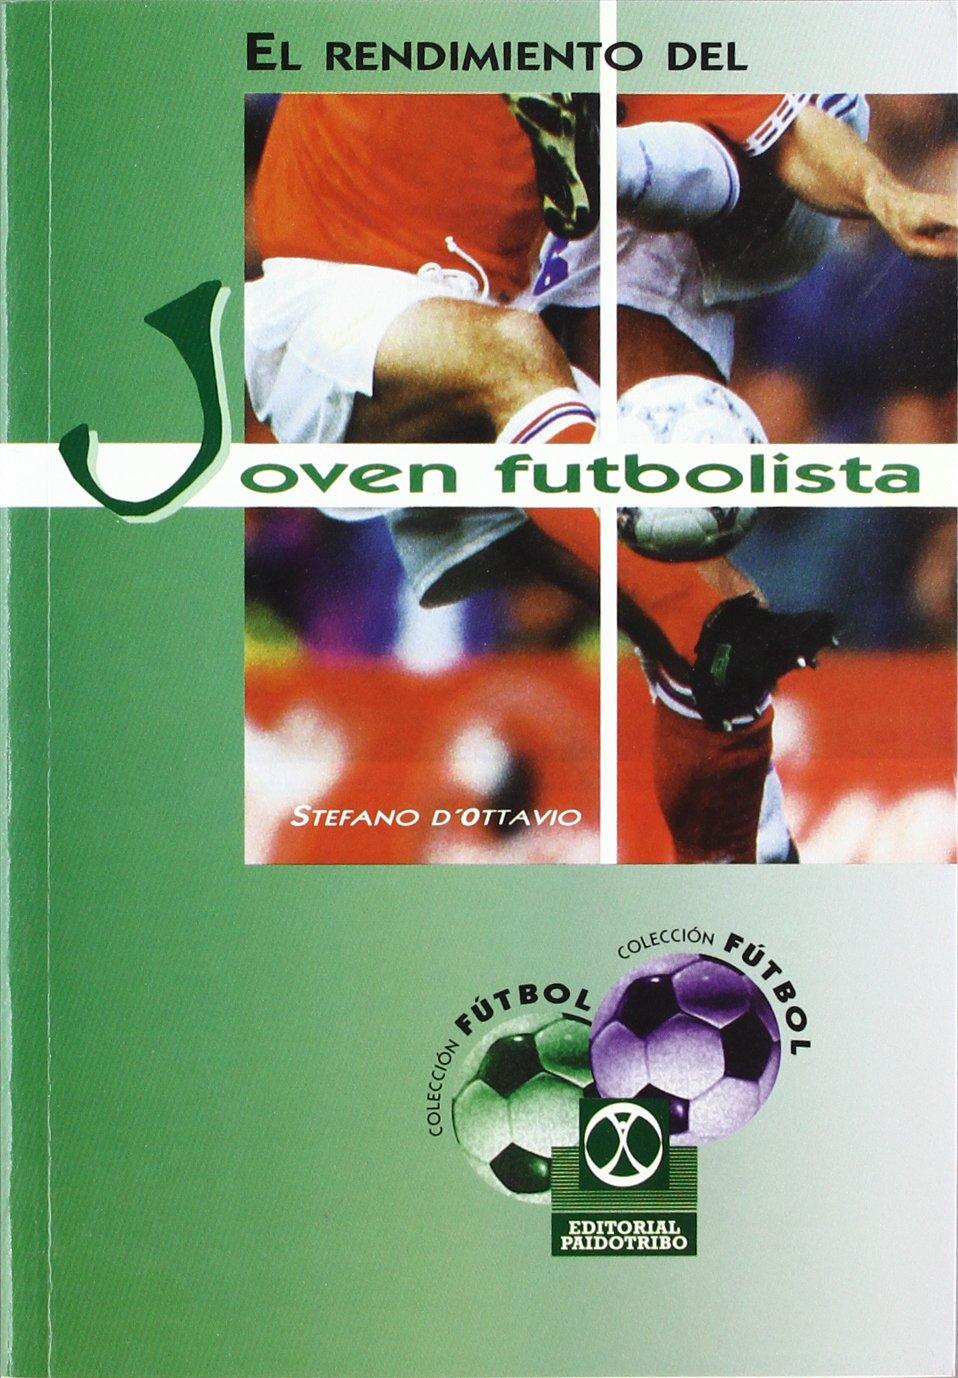 Rendimiento del Joven Futbolista (Spanish Edition) by Paidotribo Editorial